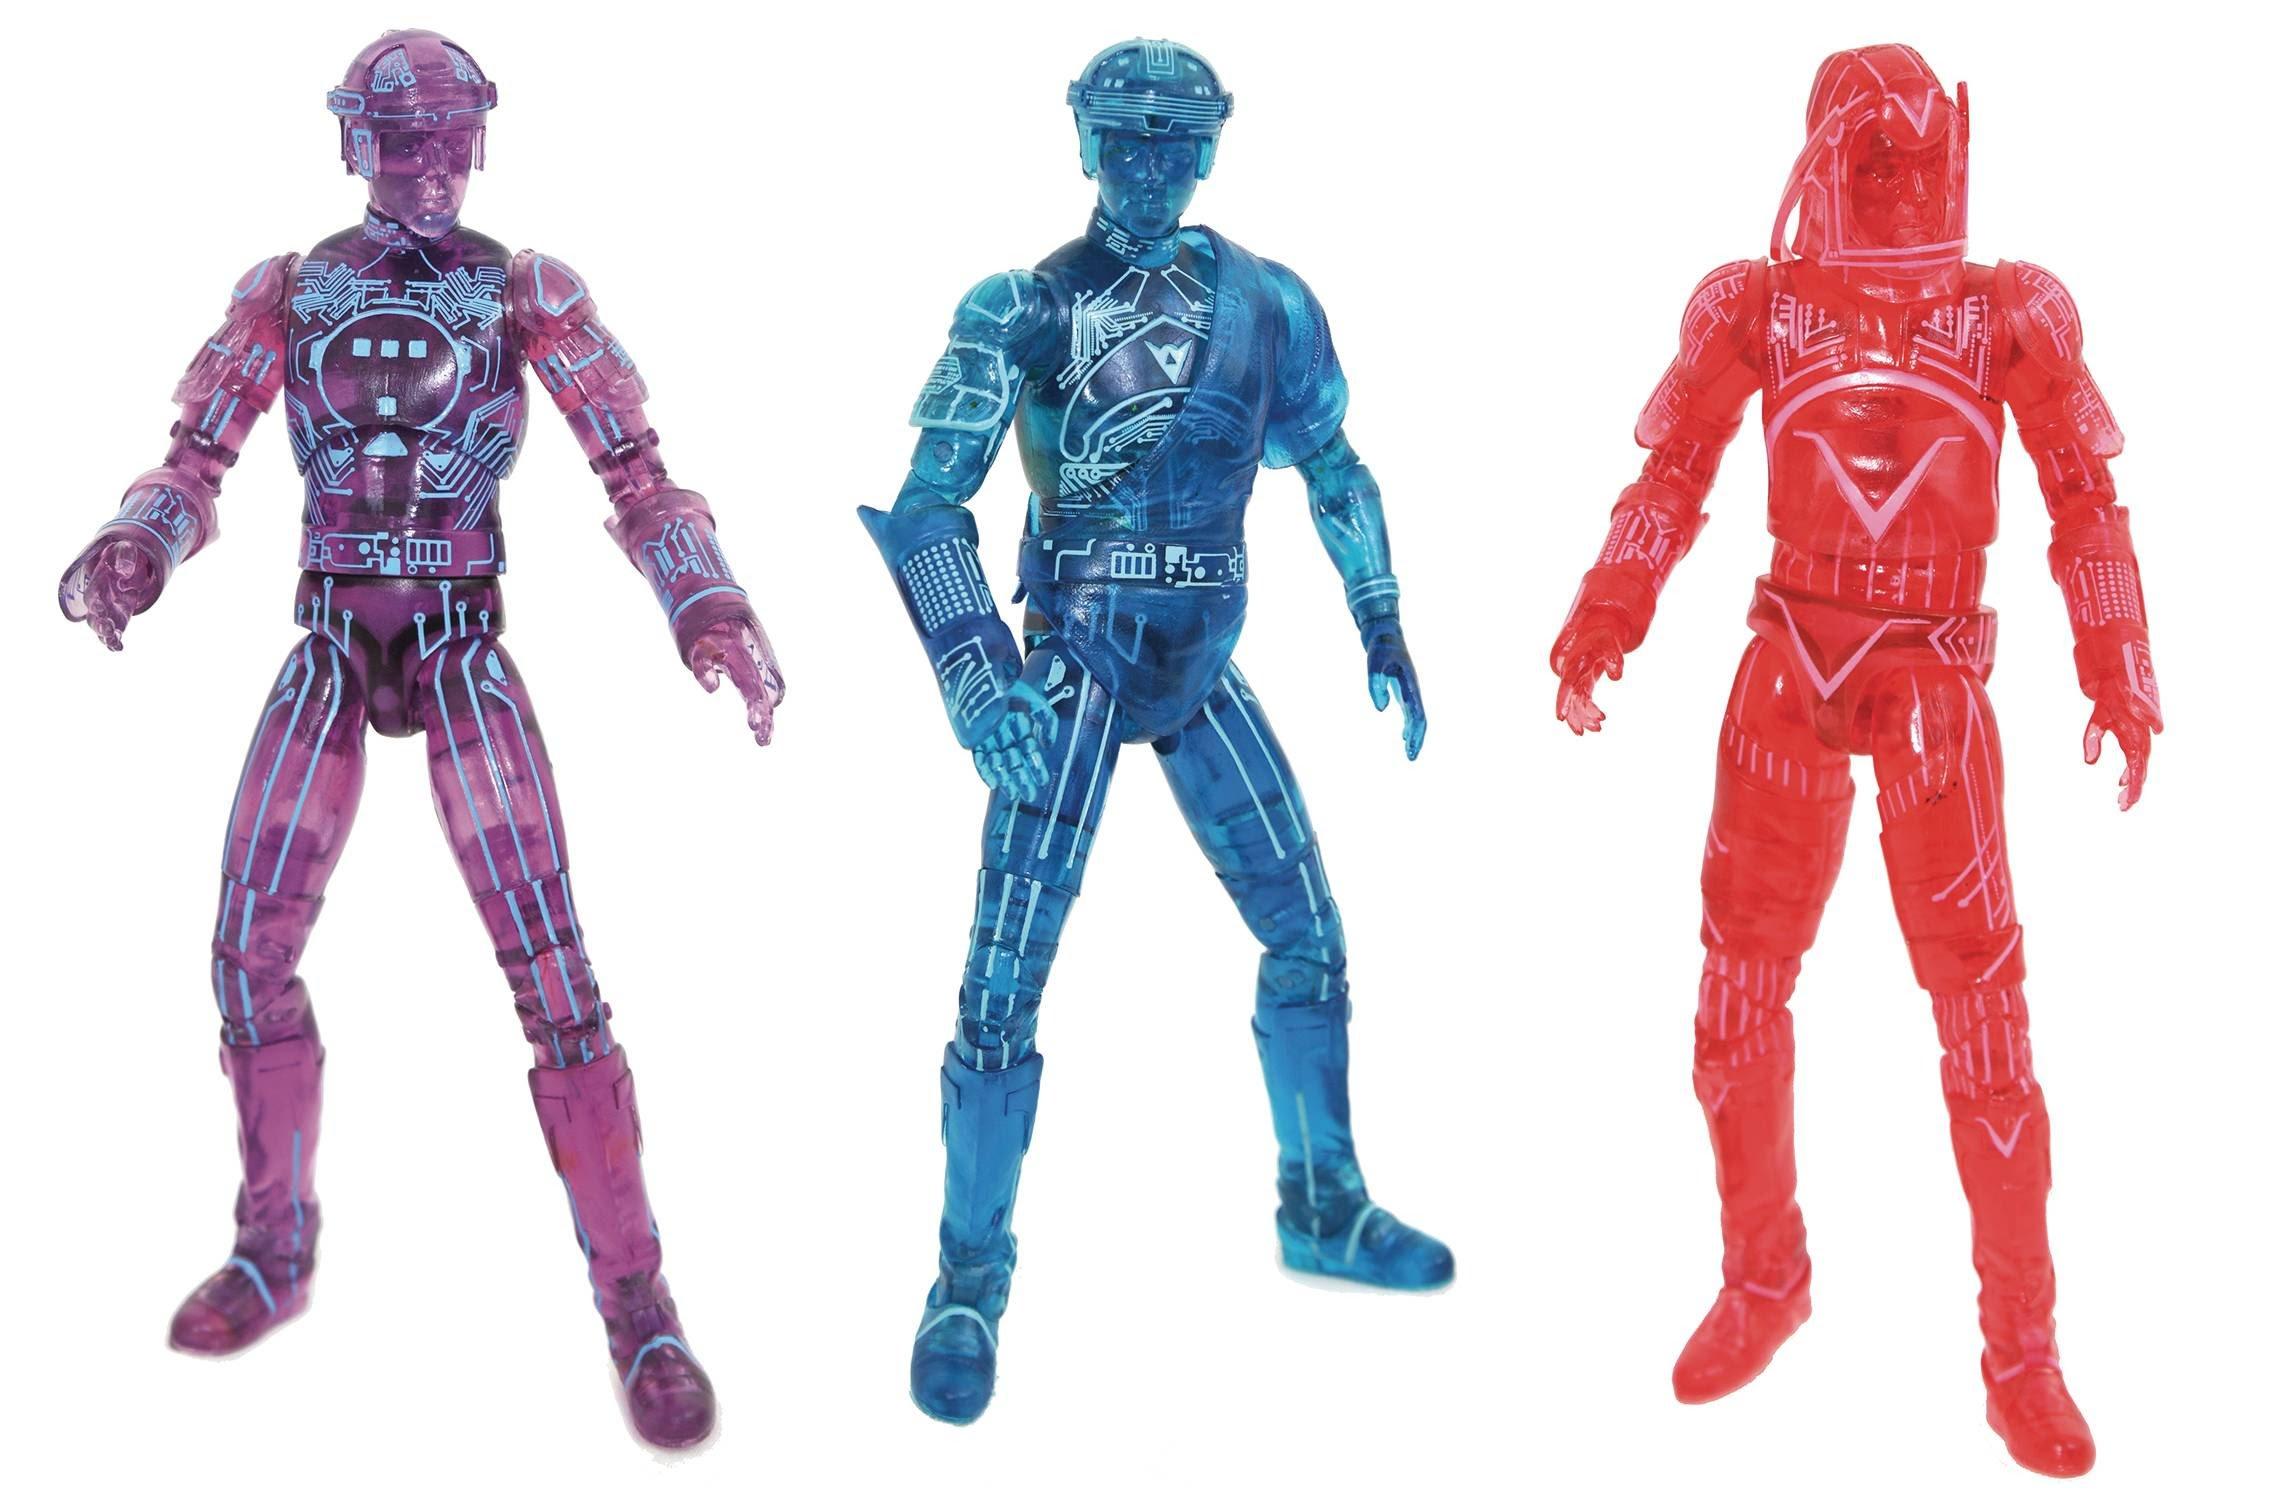 SDCC 2021 Tron Deluxe Action Figure Box Set